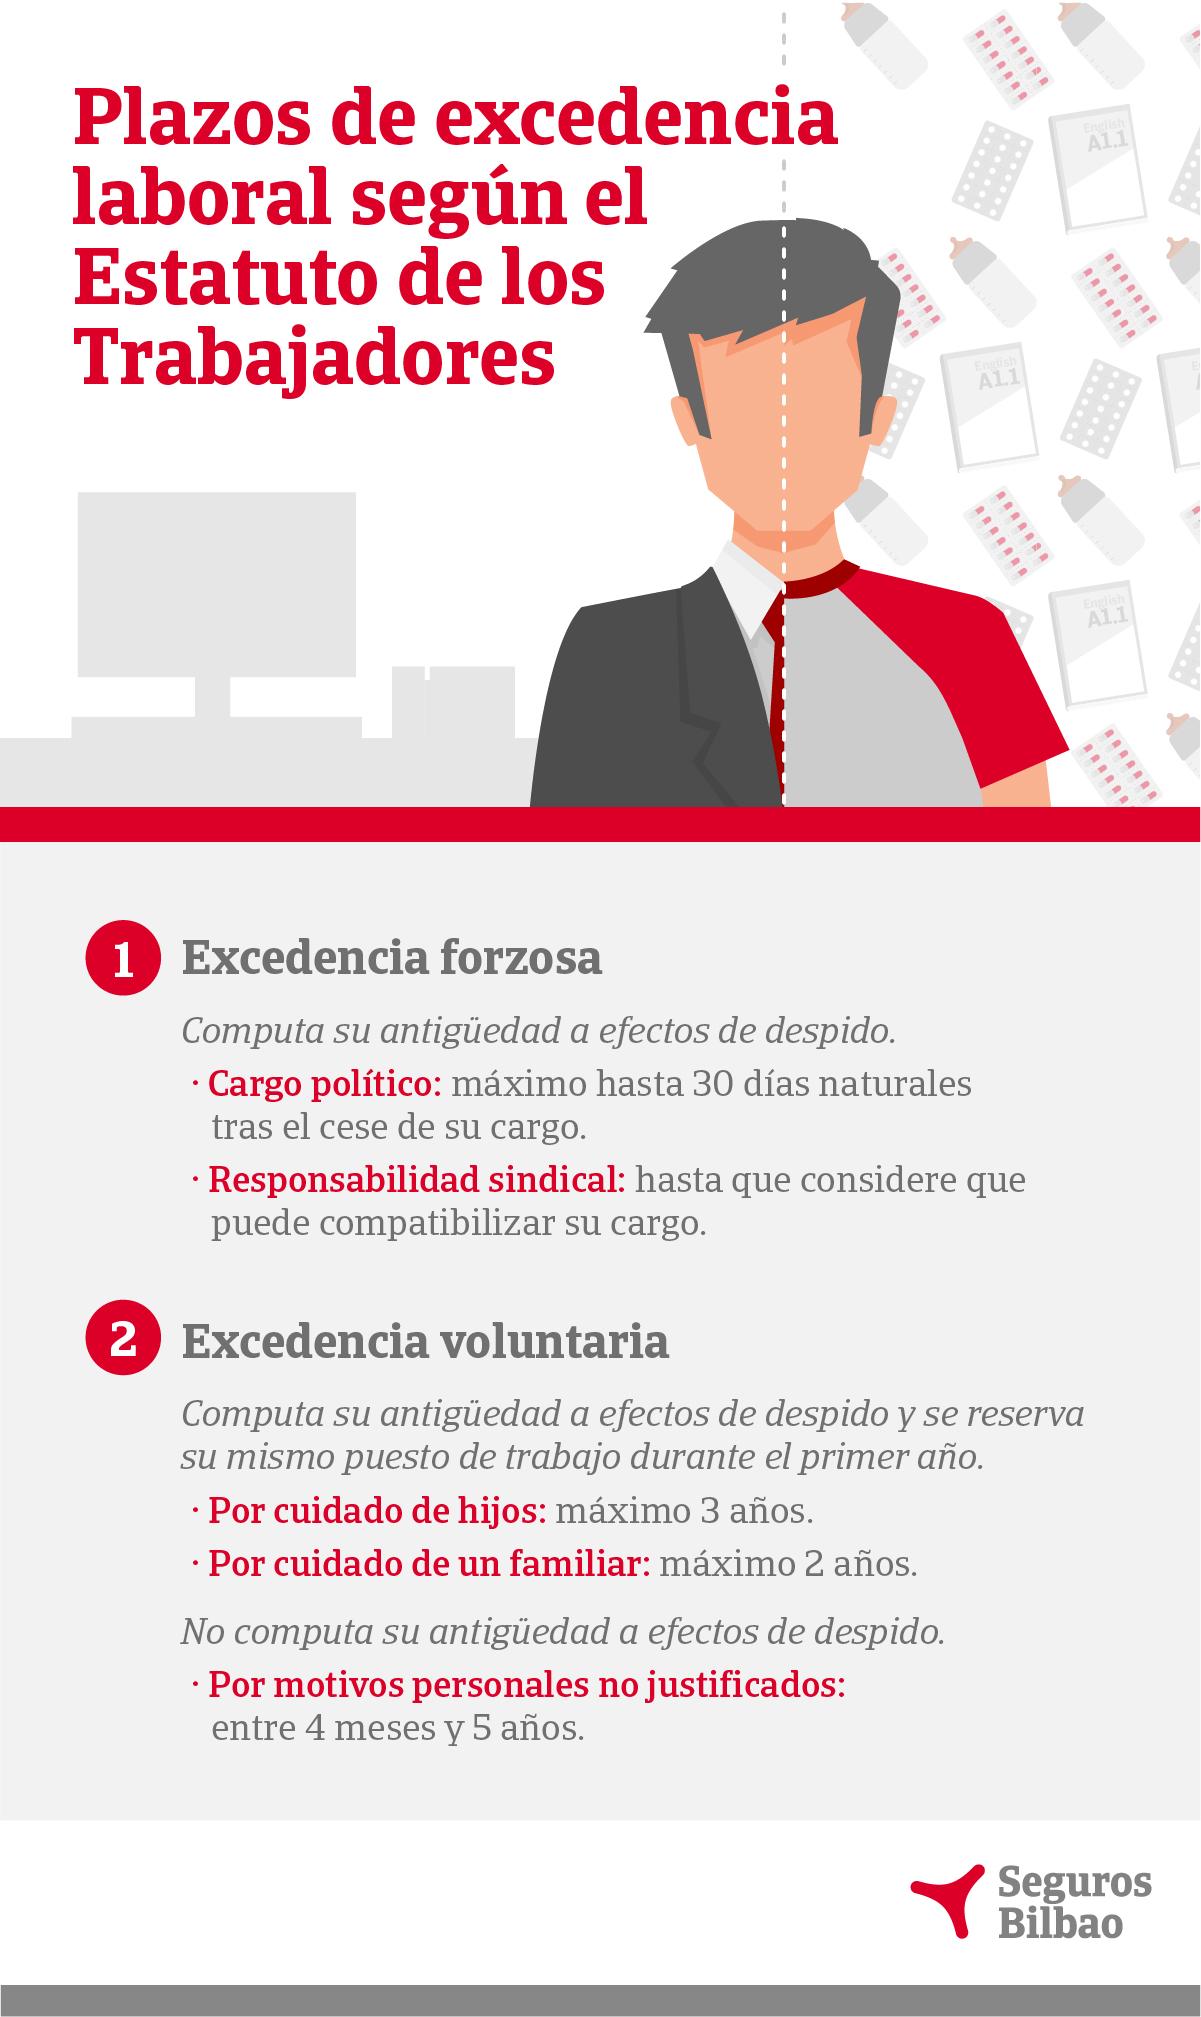 Infografía sobre tipos de excedencia laboral